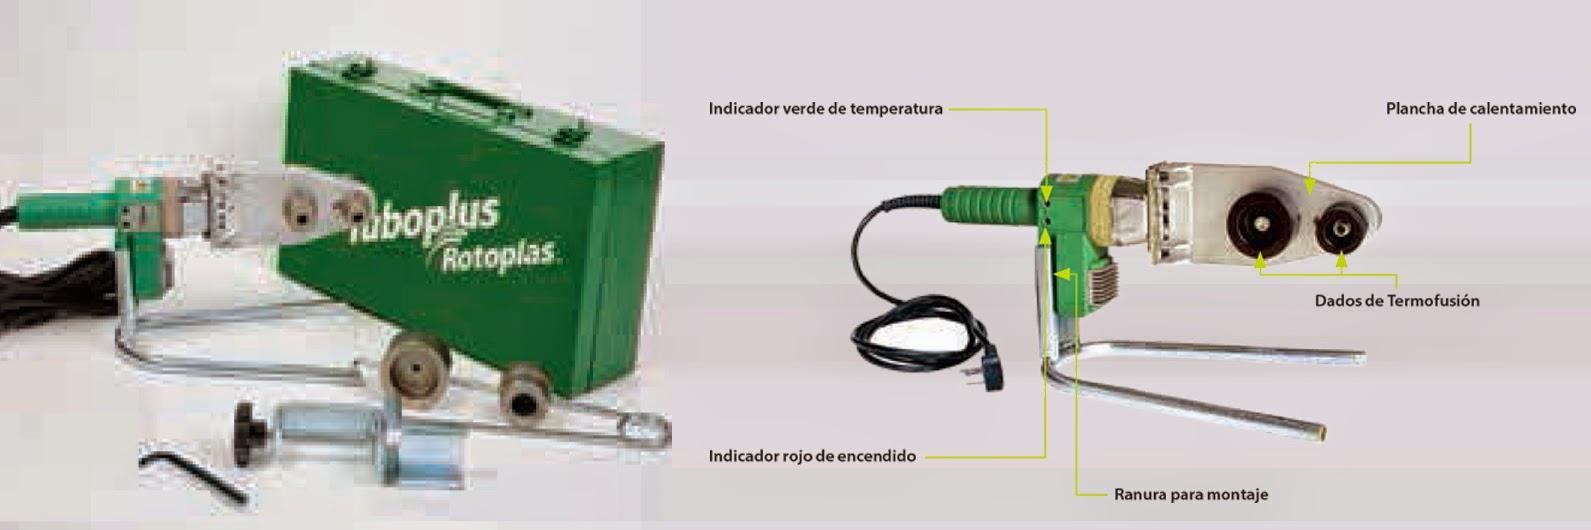 termofusion_con_tuboplus_rotoplas